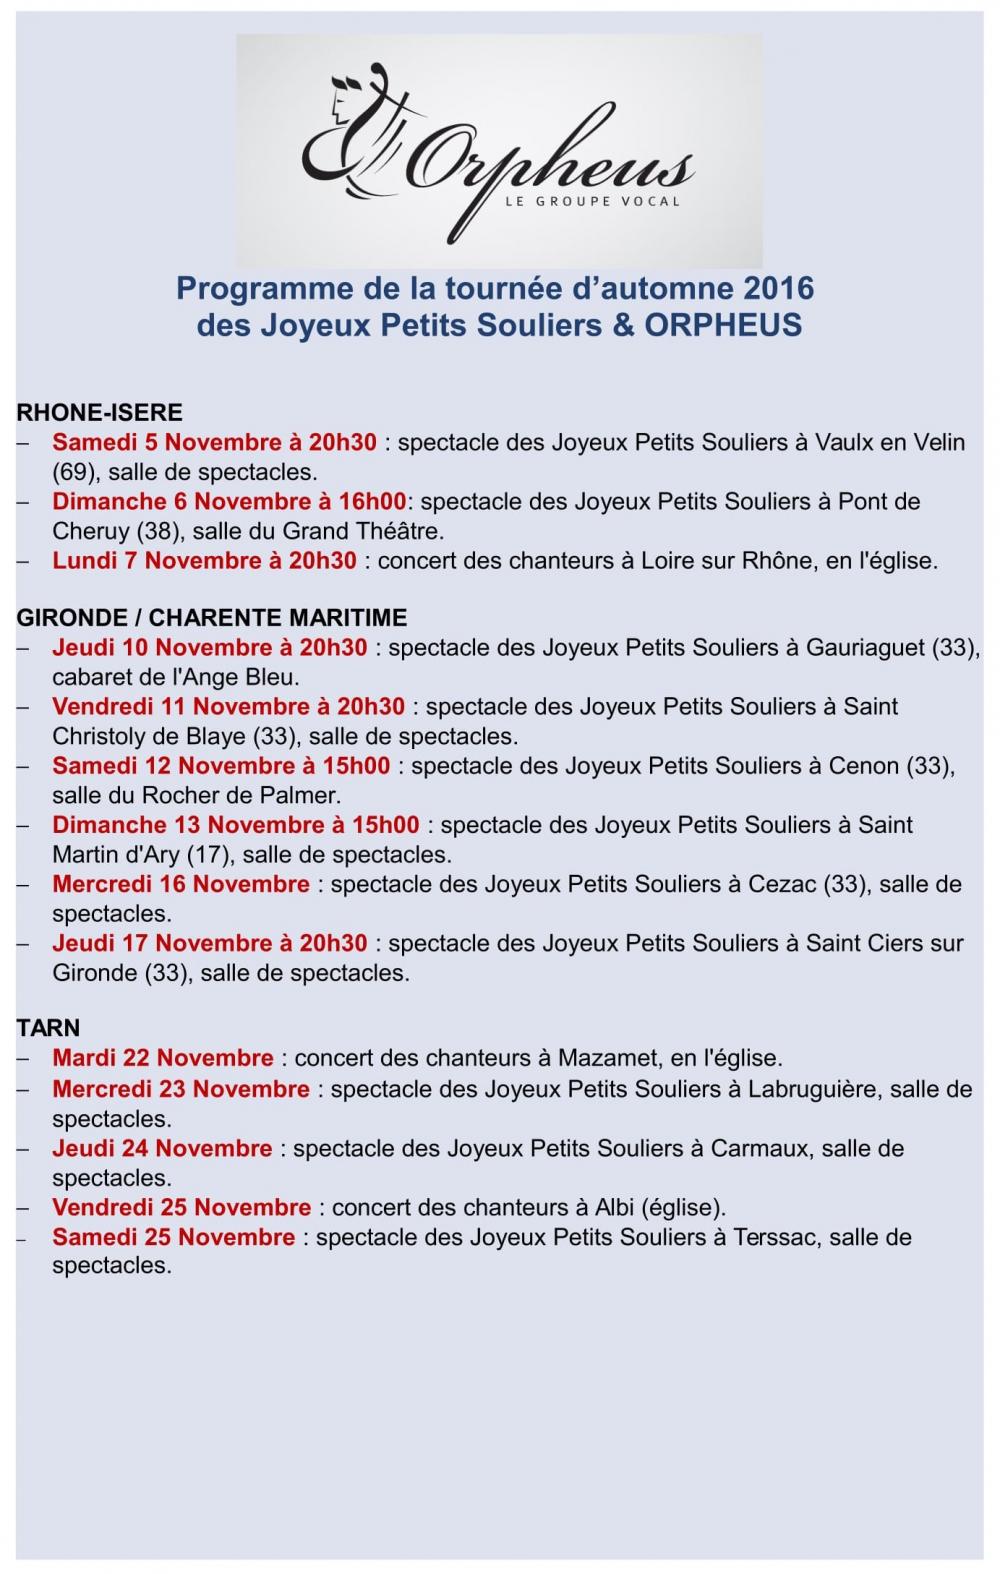 France tour - novembre 2016